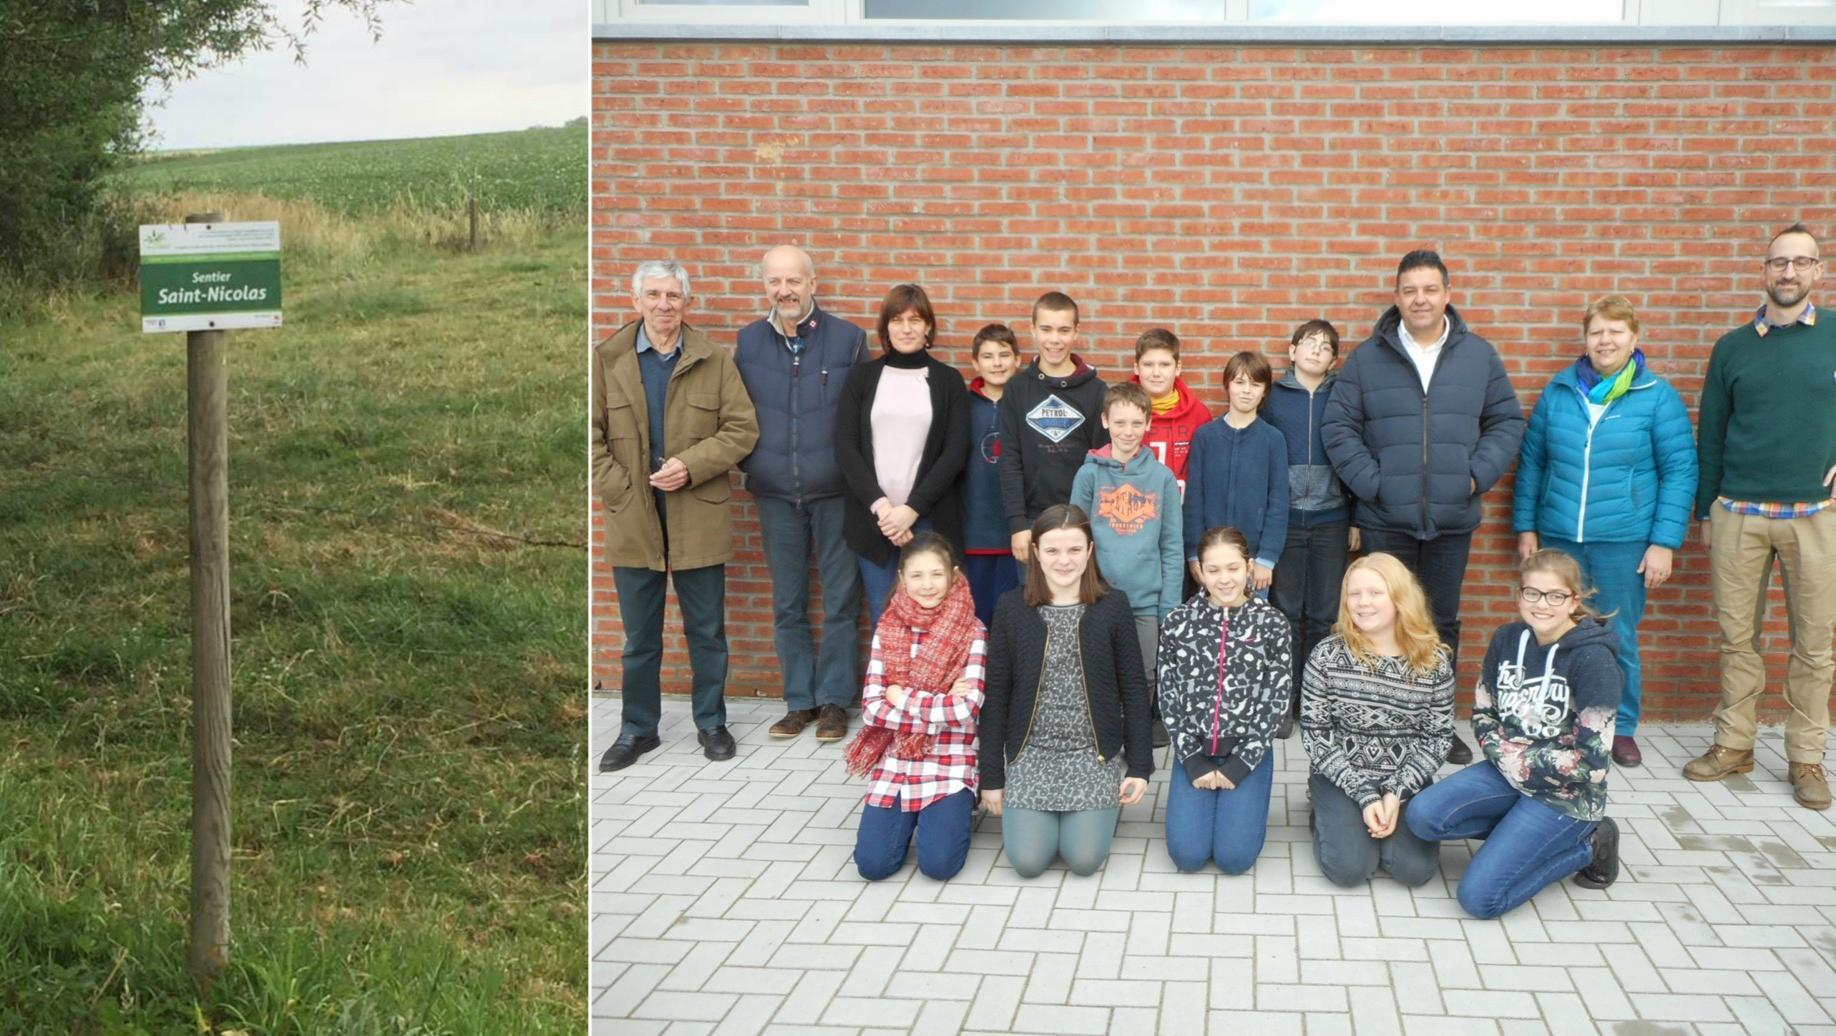 Les élèves de l'école d'Oeudeghien ont réhabilité le sentier St Nicolas